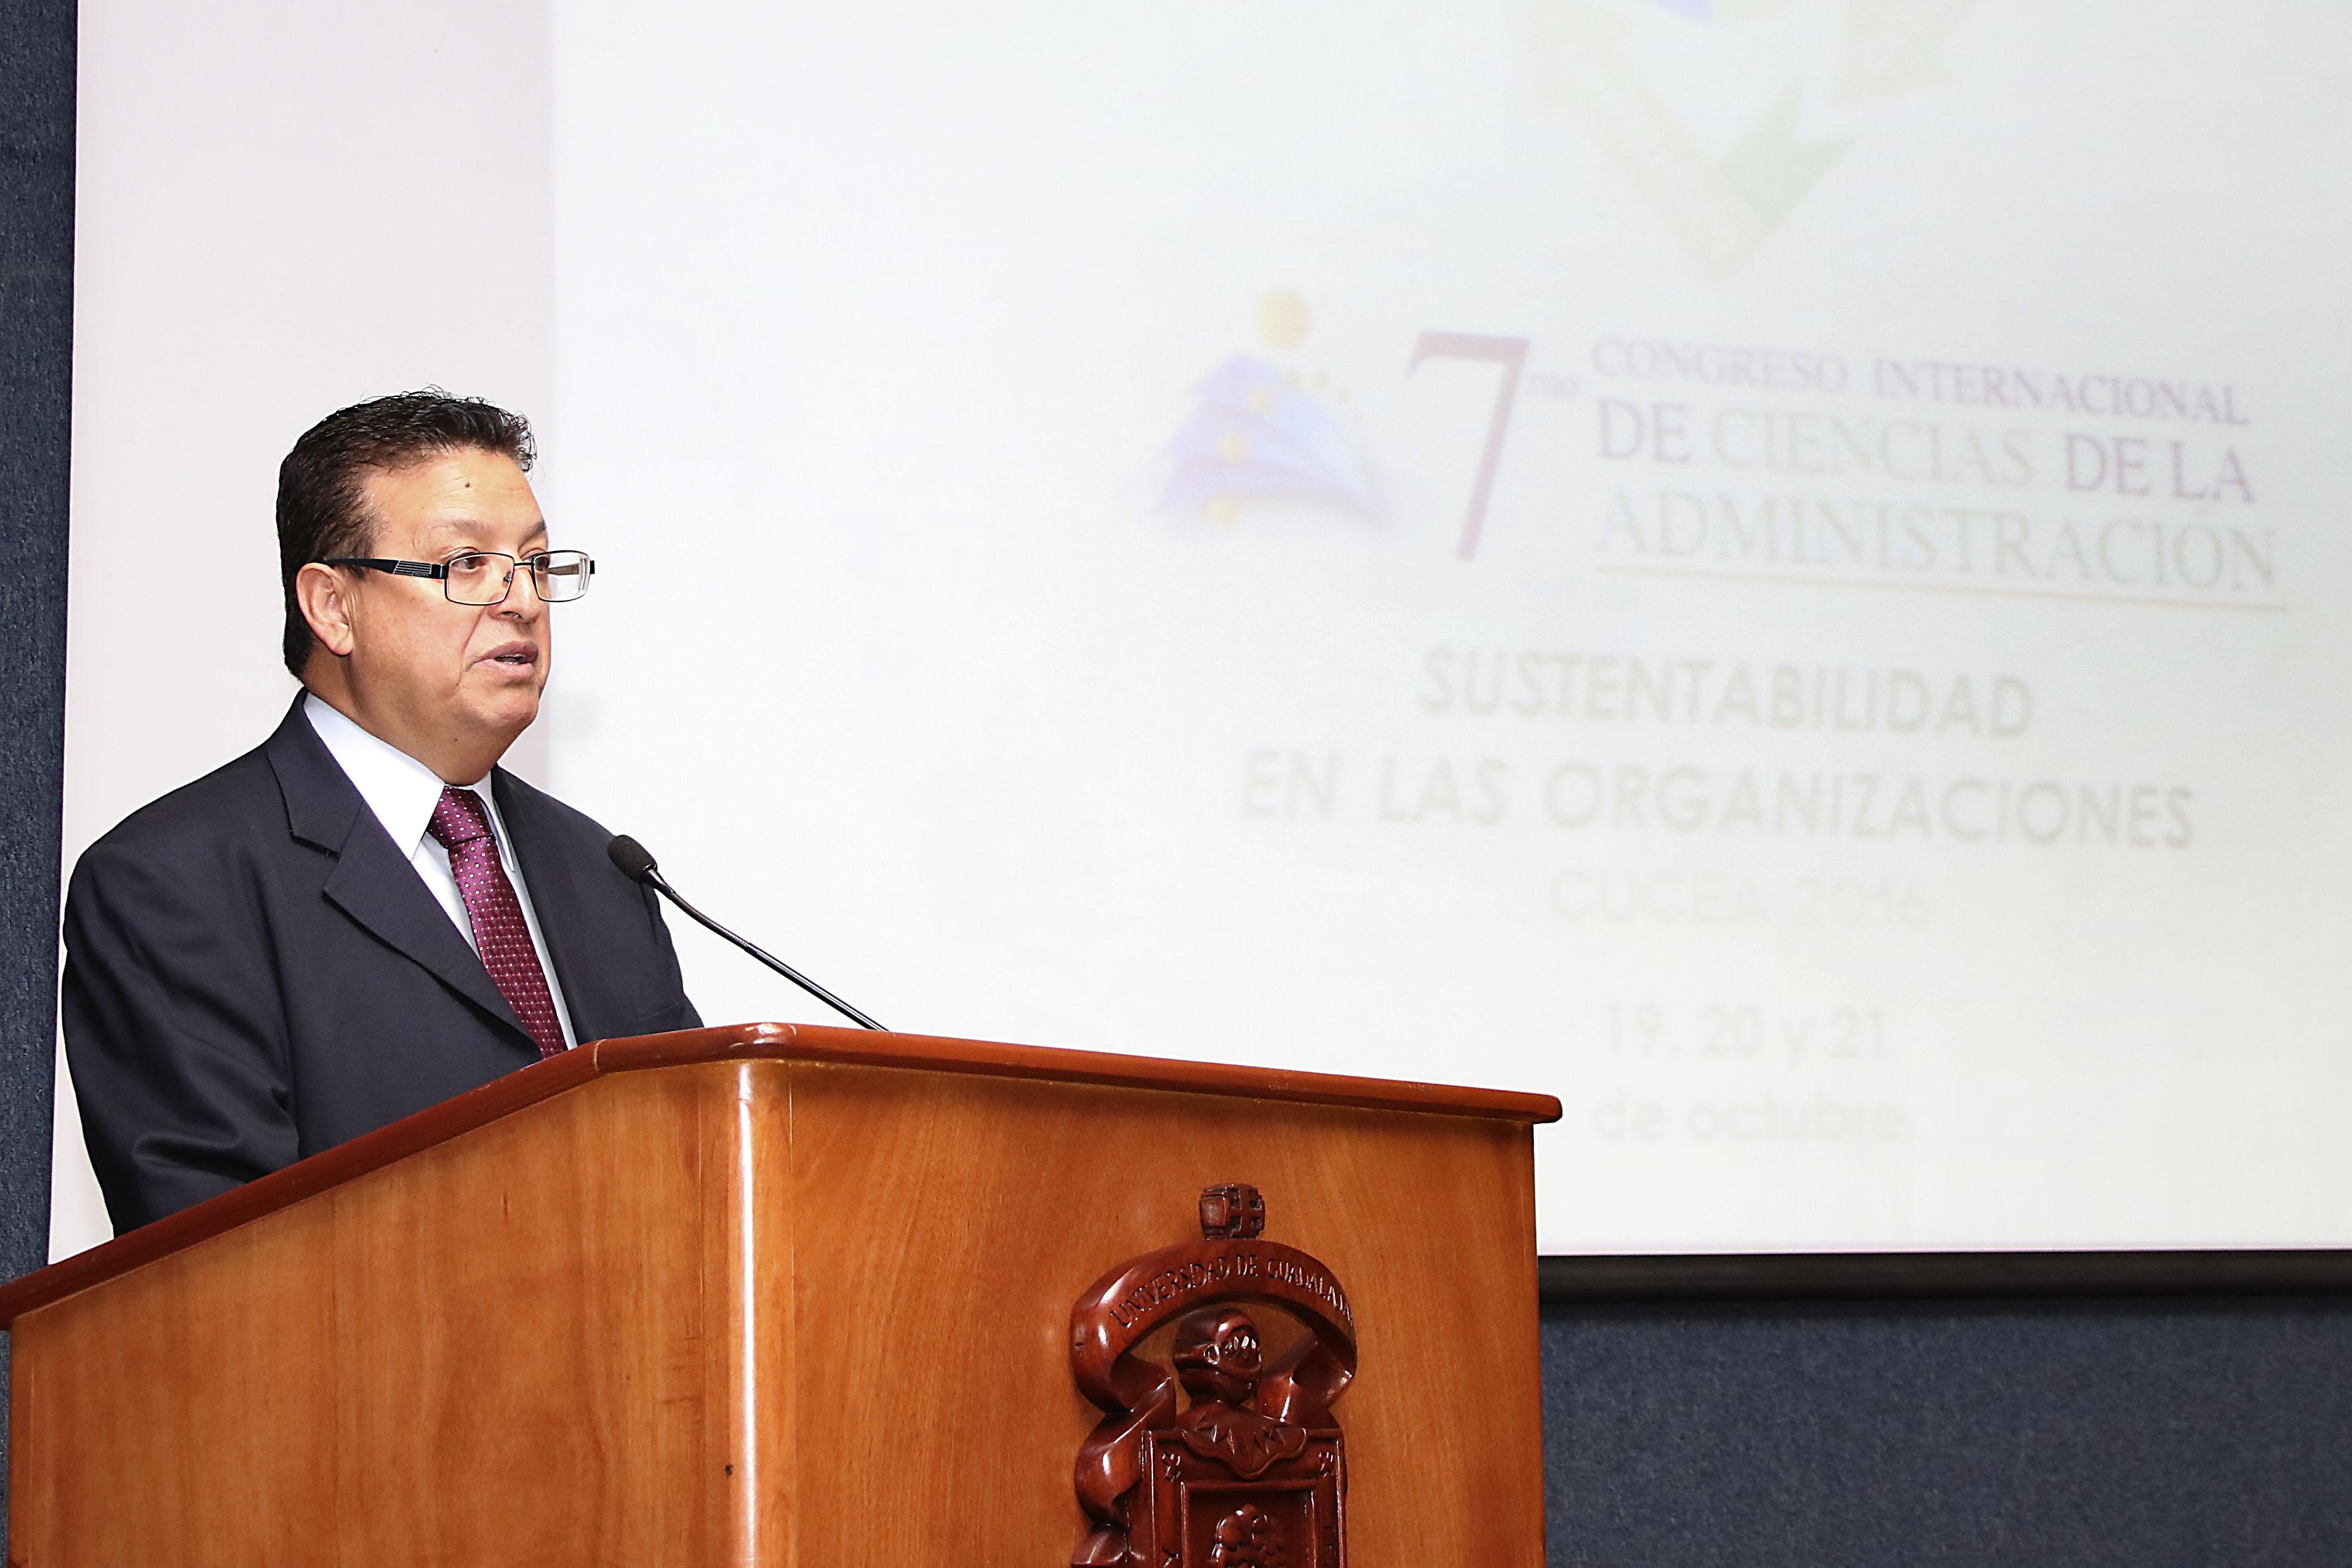 Doctor Andrés Valdez Zepeda, jefe del Departamento de Administración del CUCEA, frente al micrófono